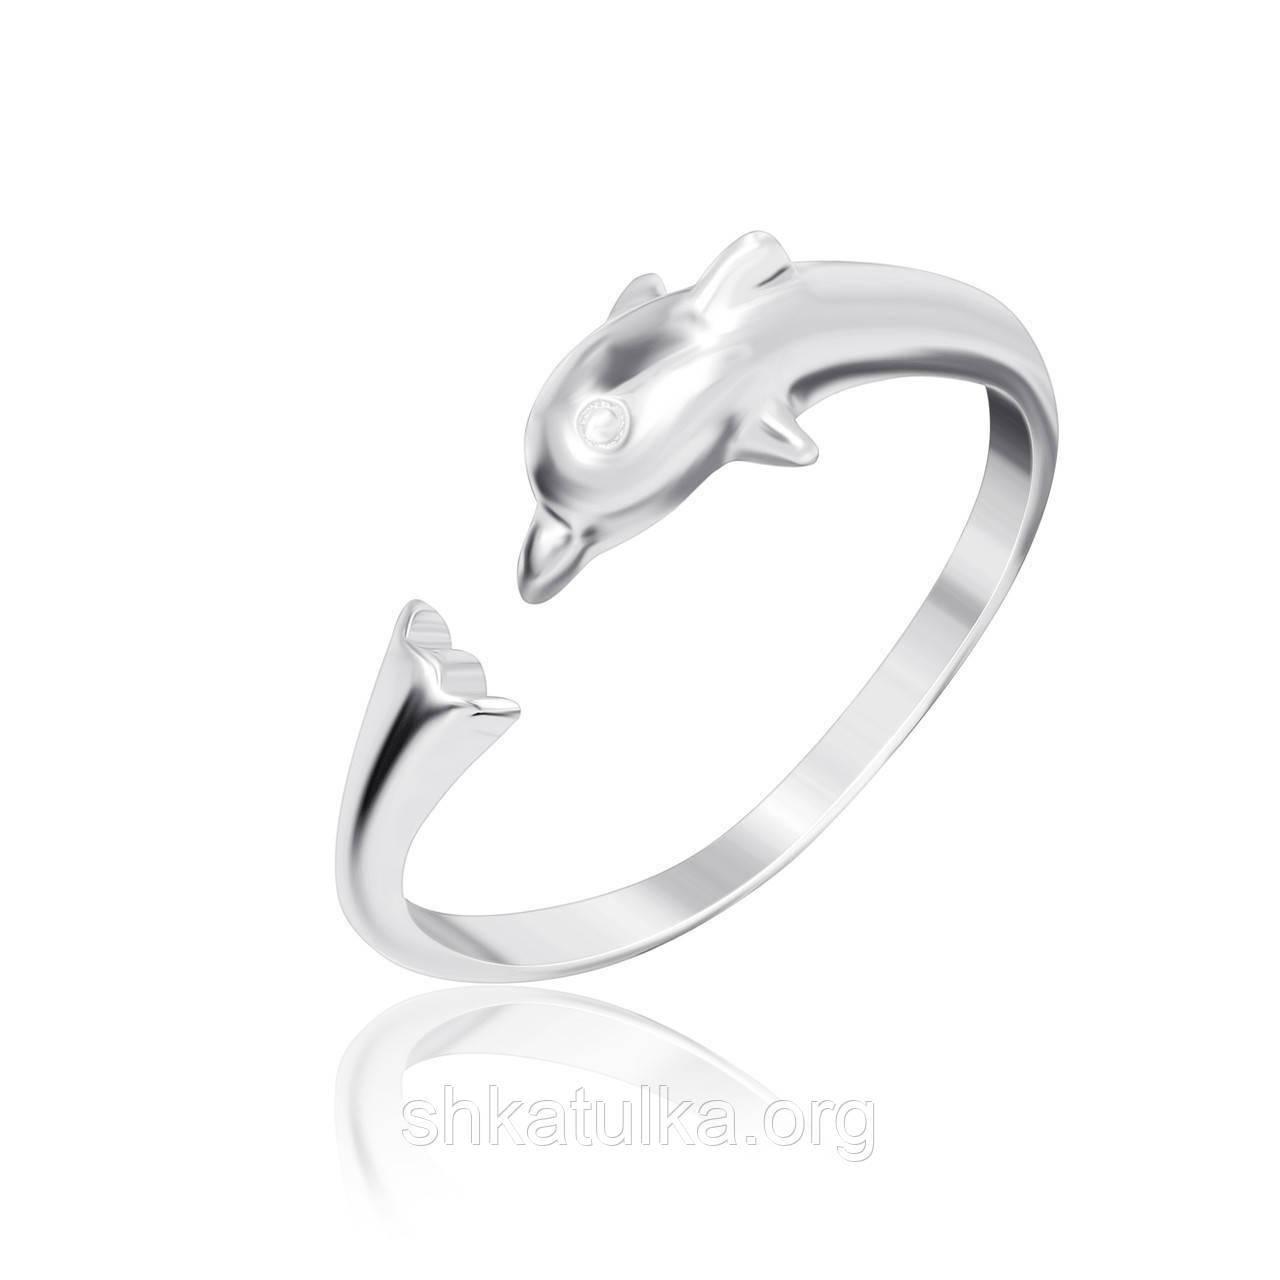 Серебряное кольцо К2/700 - 16,5